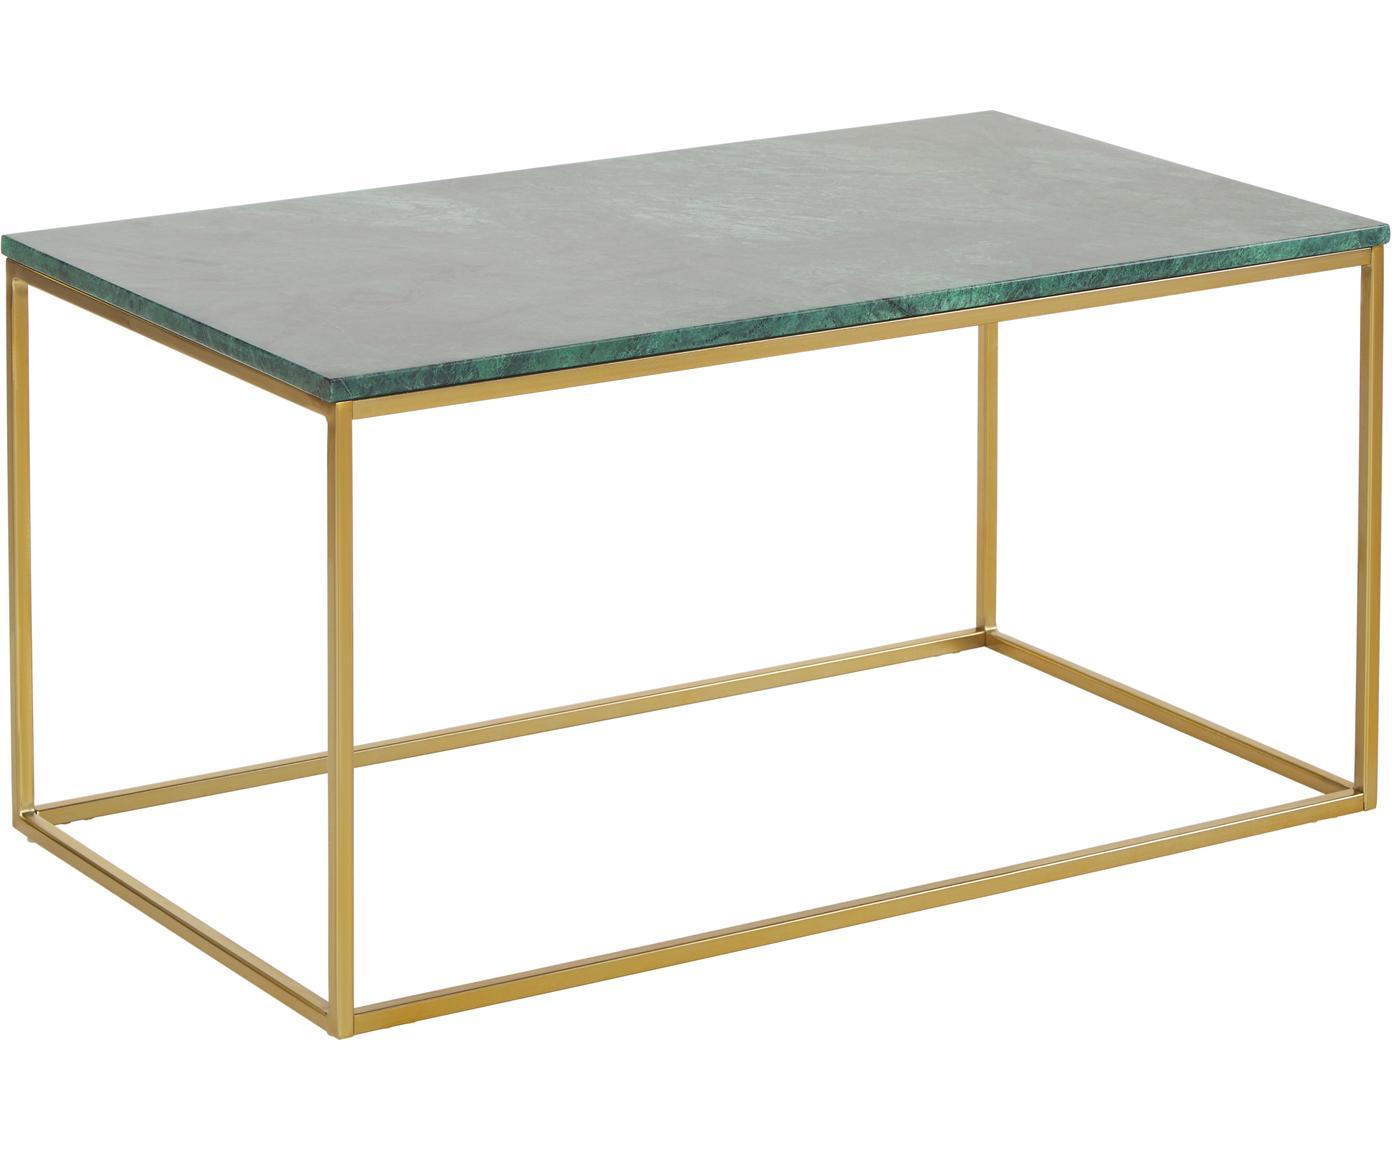 Stolik kawowy z marmuru Alys, Blat: marmur, Stelaż: metal malowany proszkowo, Blat: zielony marmur Stelaż: odcienie złotego, błyszczący, S 80 x W 45 cm